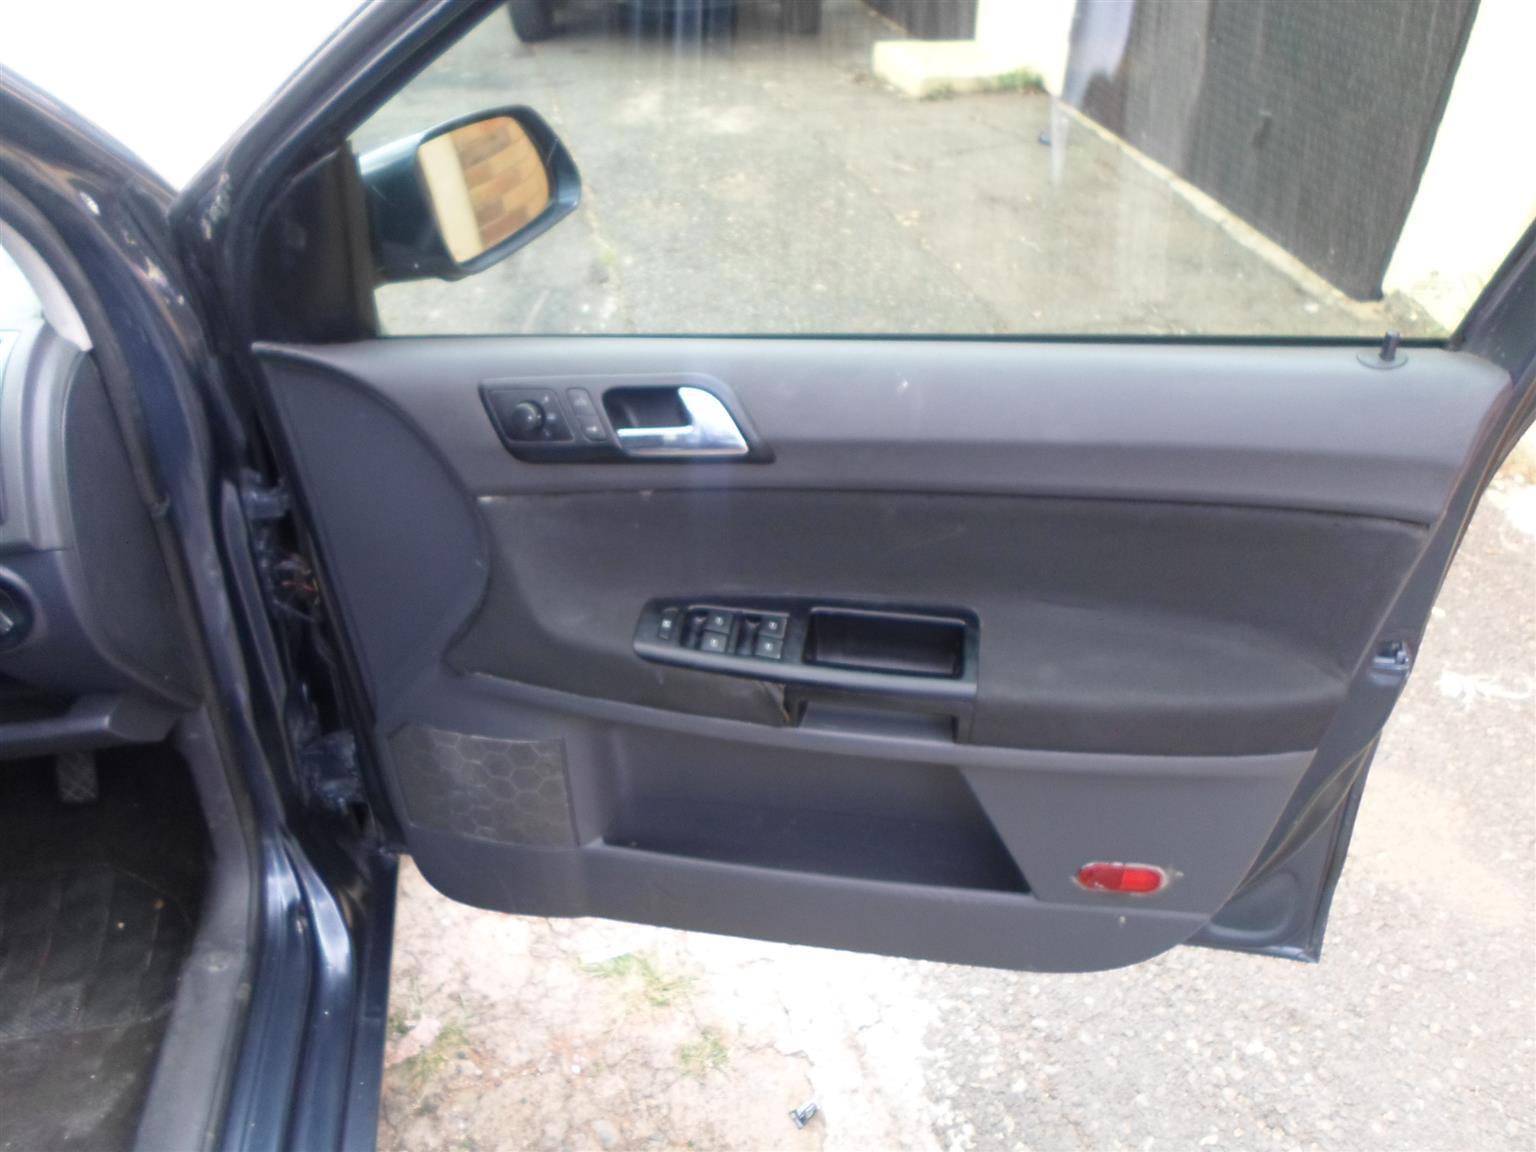 2004 VW Polo Vivo 5 door 1.4